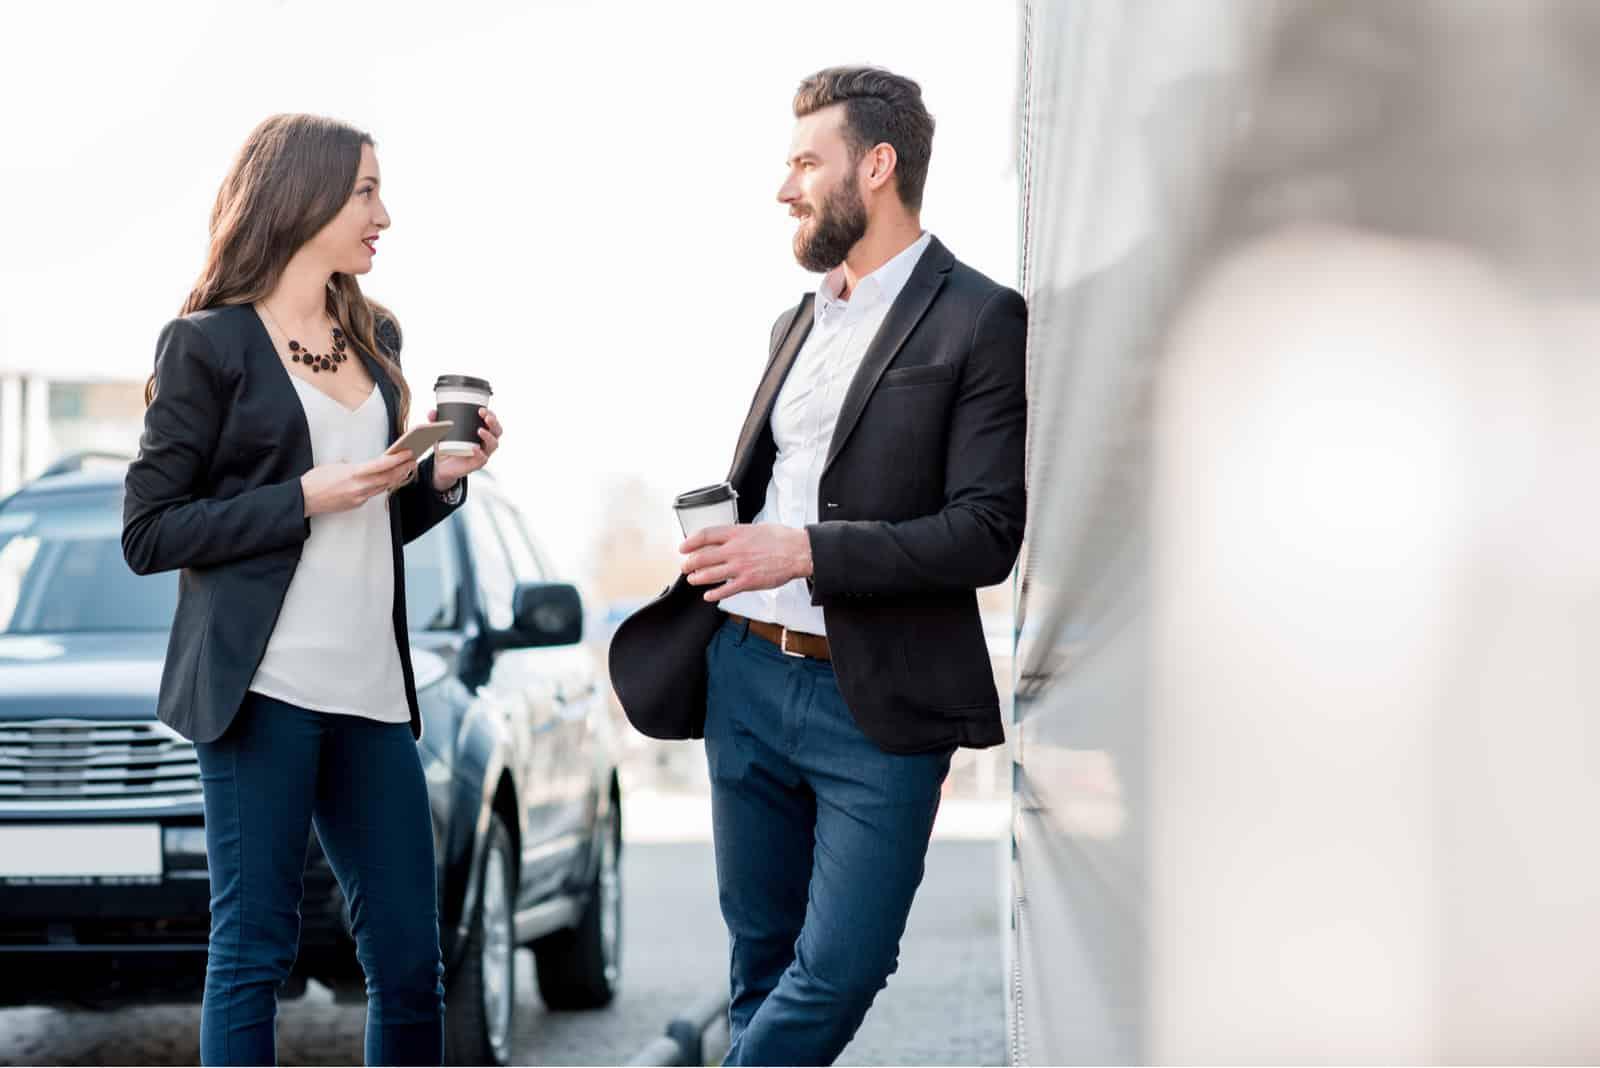 un homme et une femme parlent debout dans la rue, tenant un café à la main